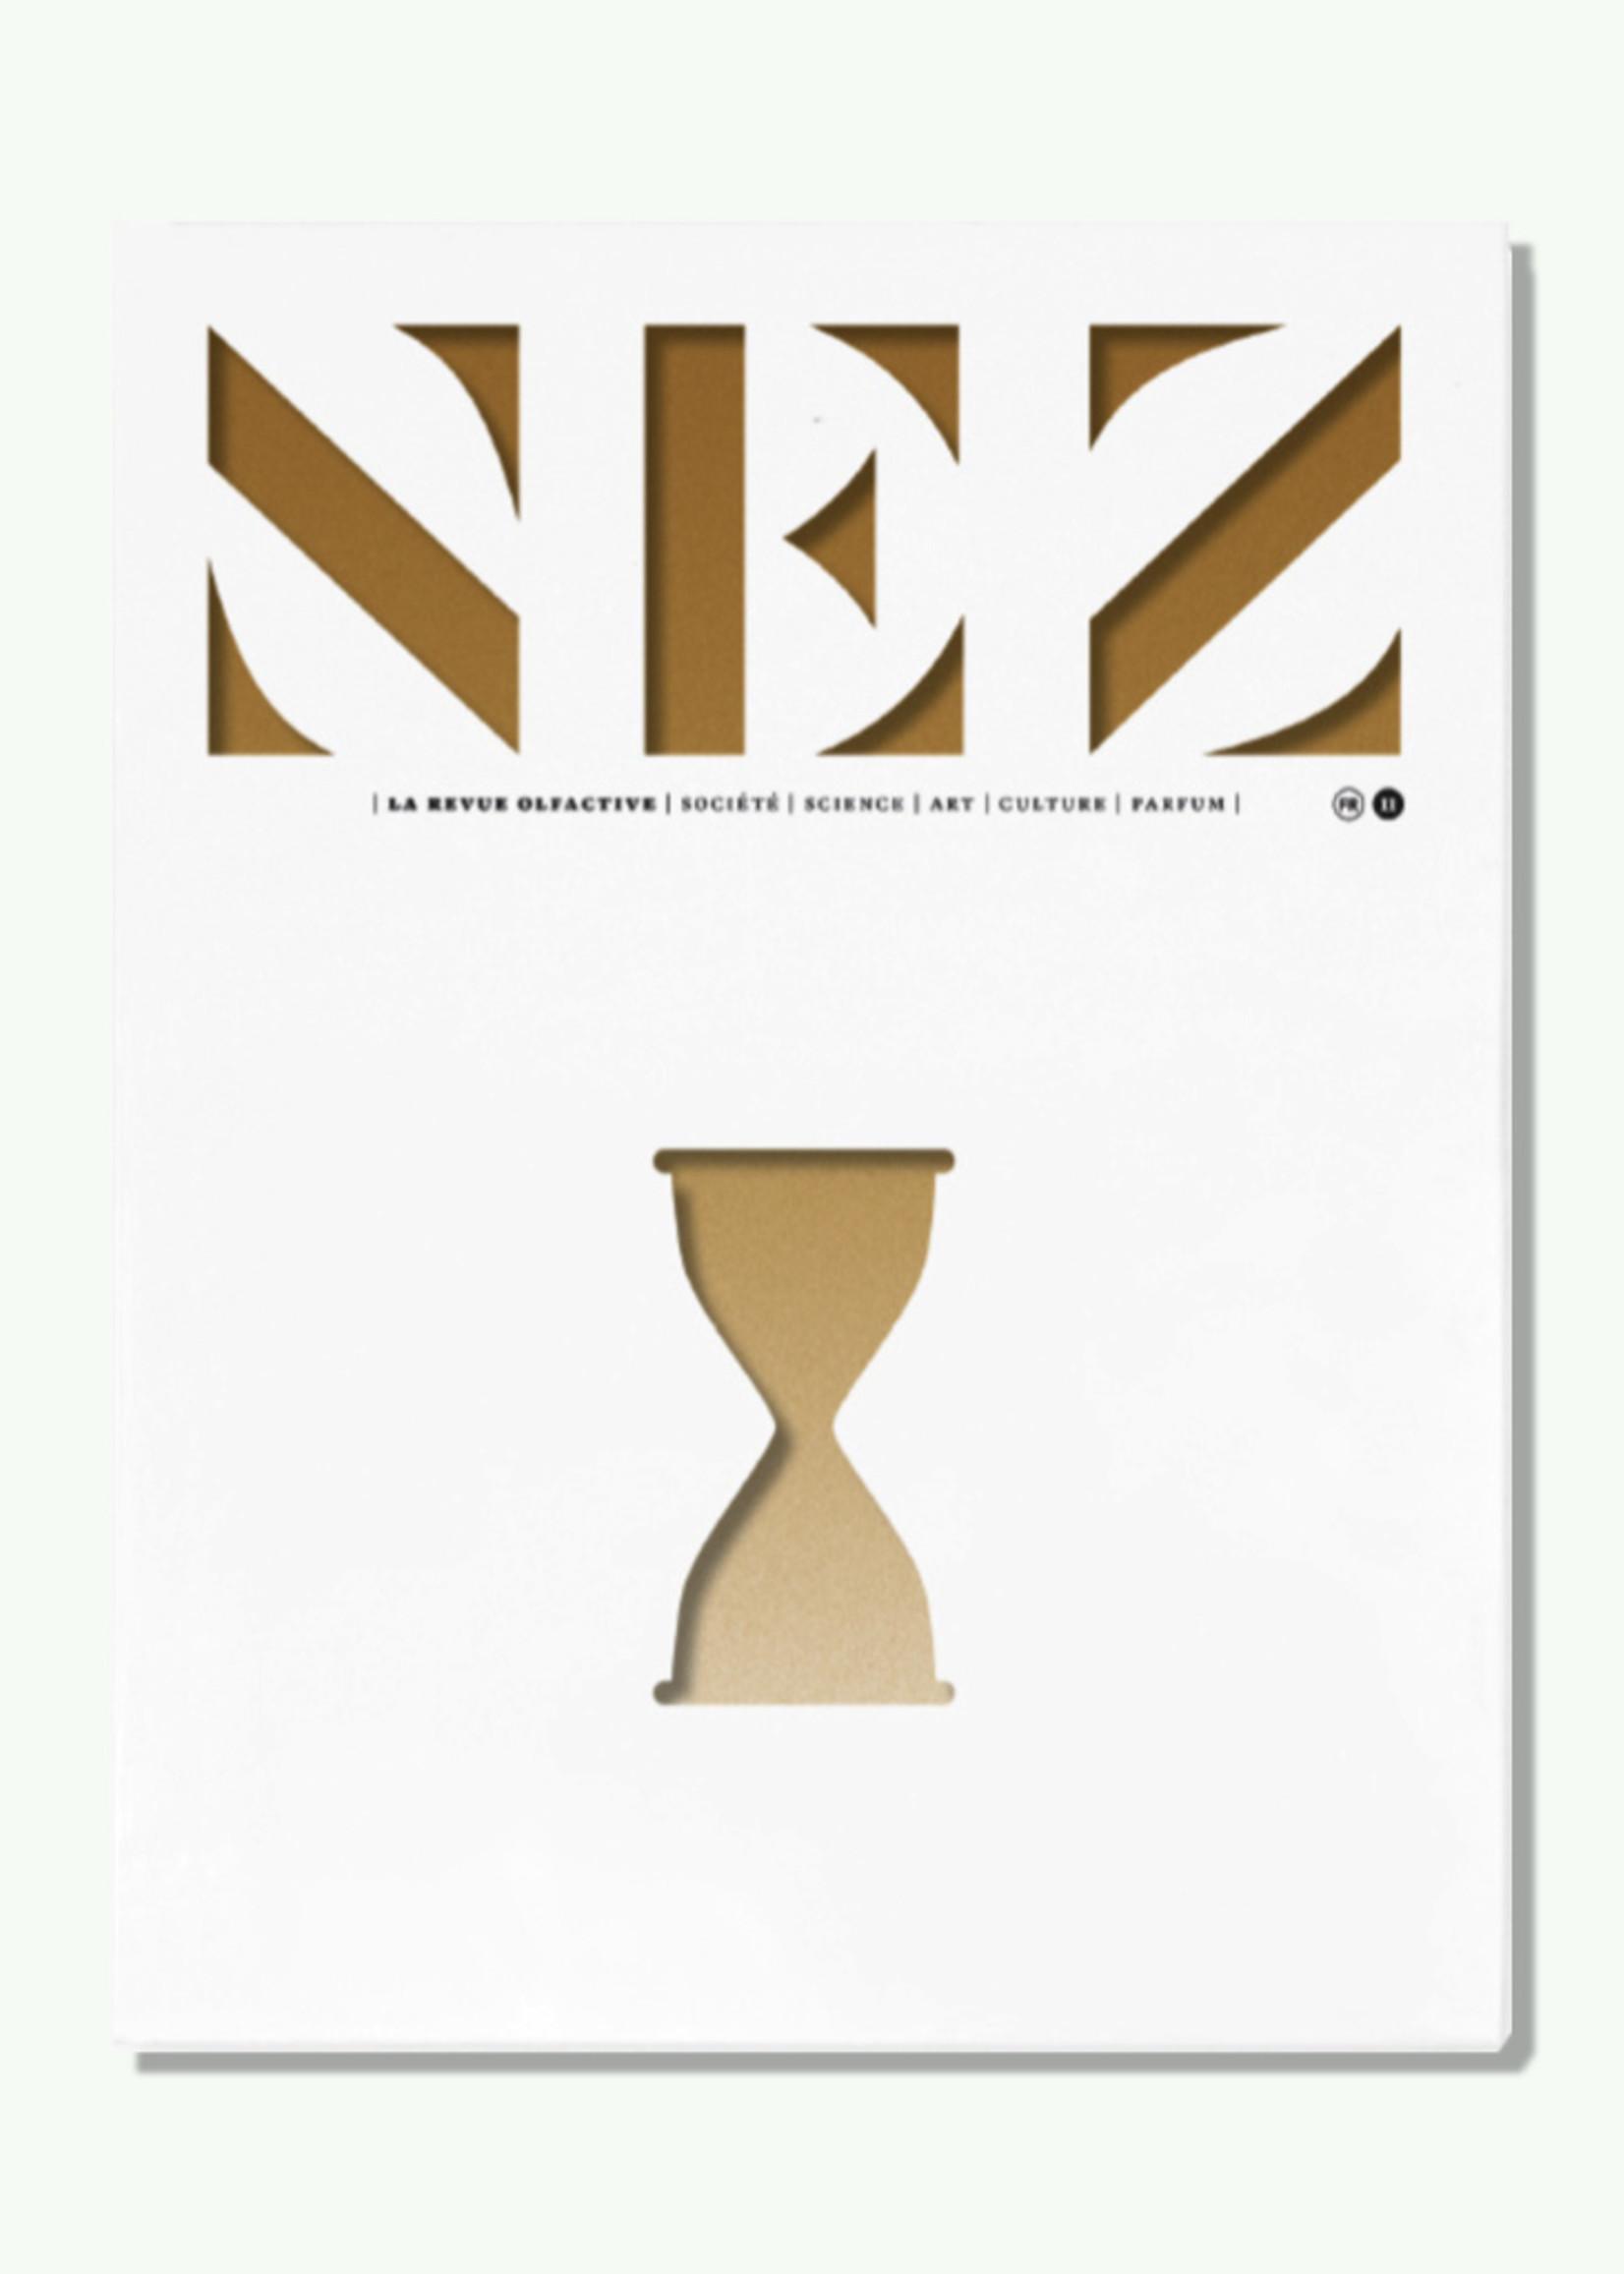 NEZ la revue olfactive NEZ n°11 - The Olfactory Magazine